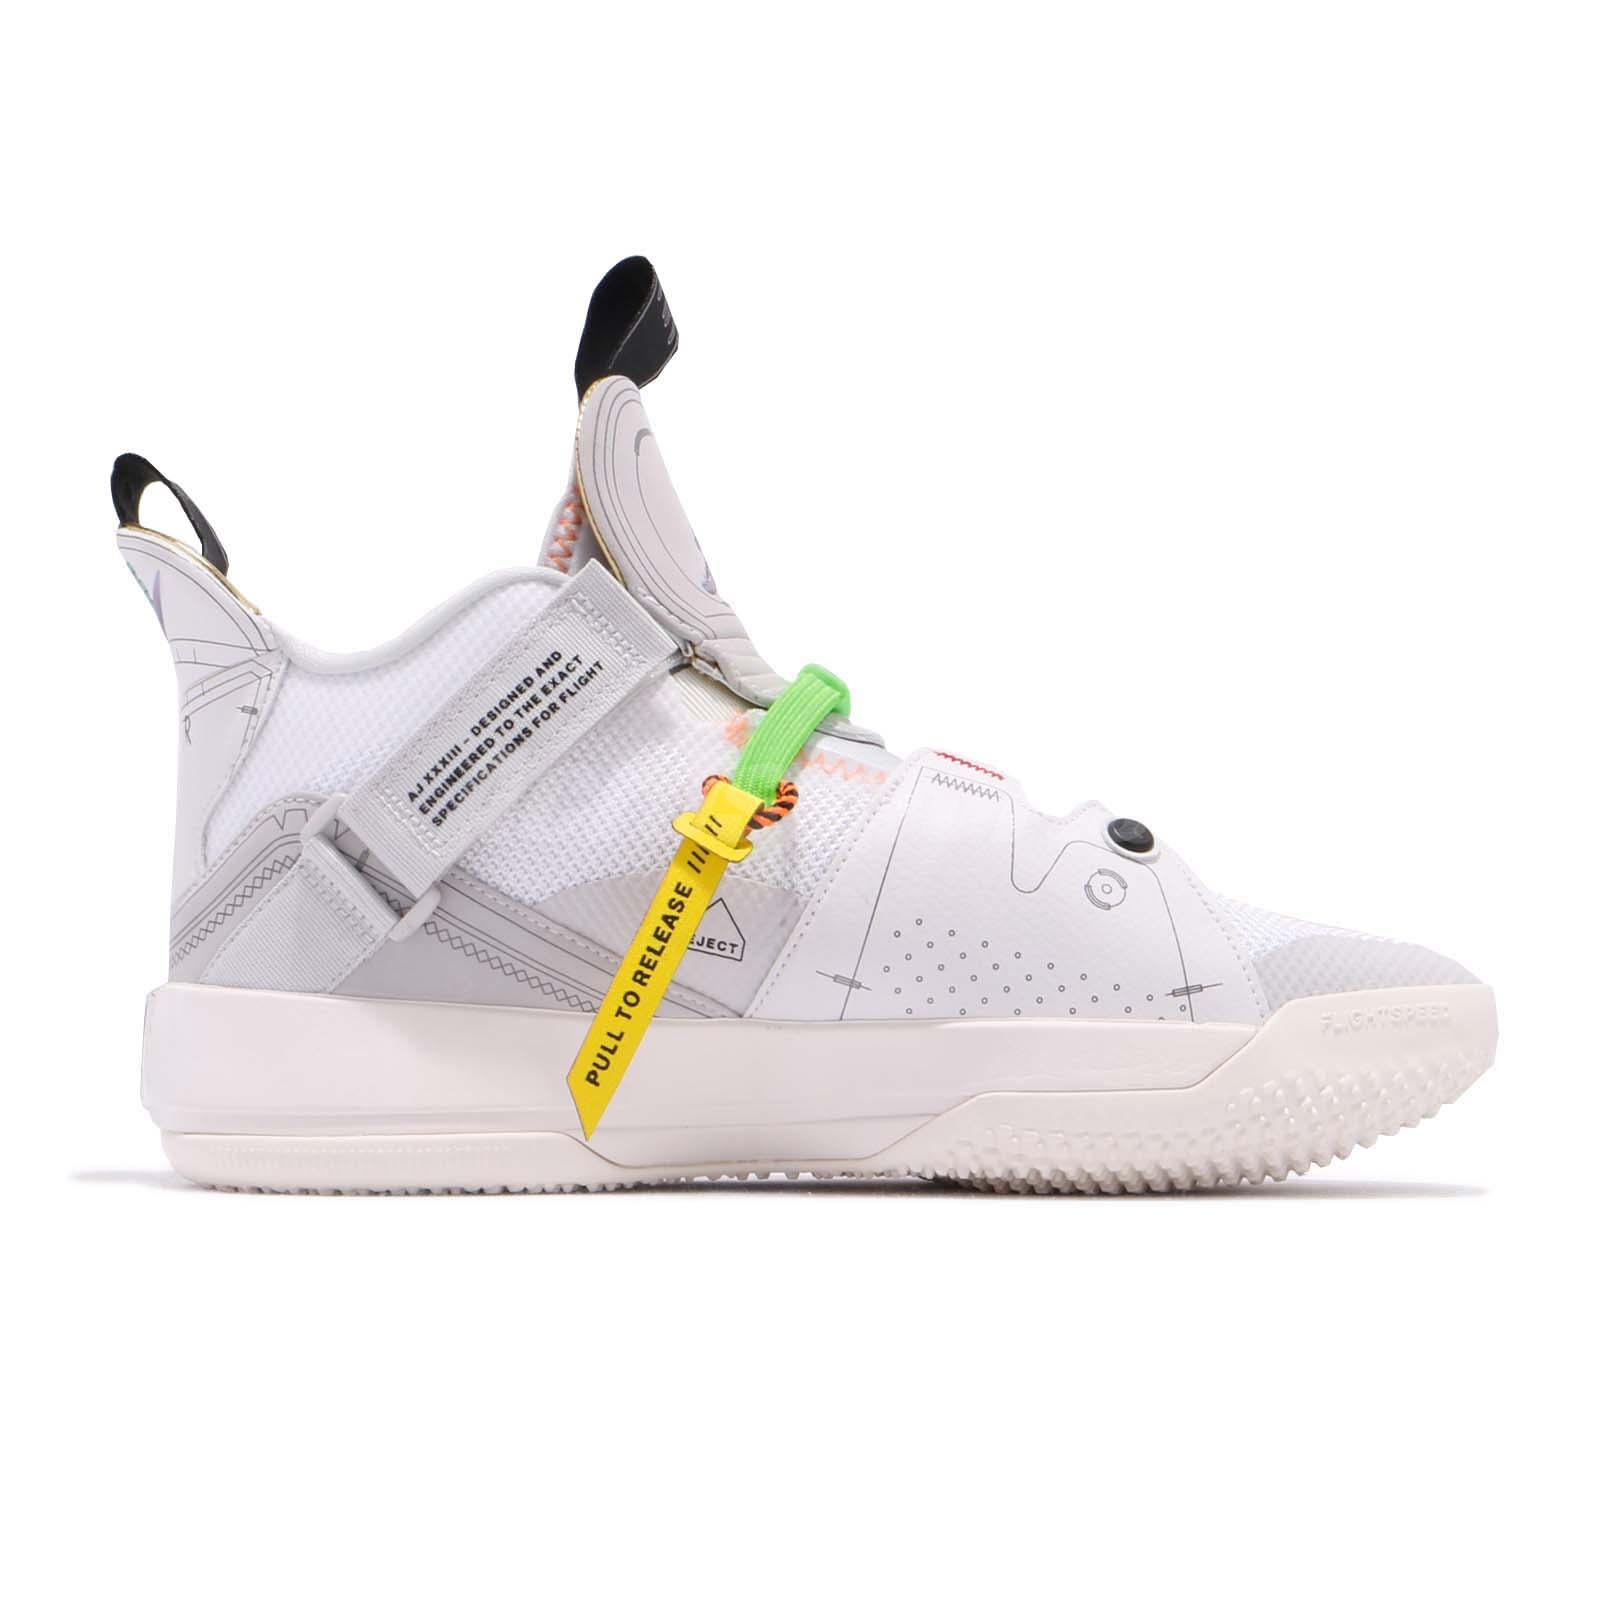 53eaf18b20701f Nike Air Jordan XXXIII GS 33 AJ33 Vast Grey Kid Youth Women Shoes ...